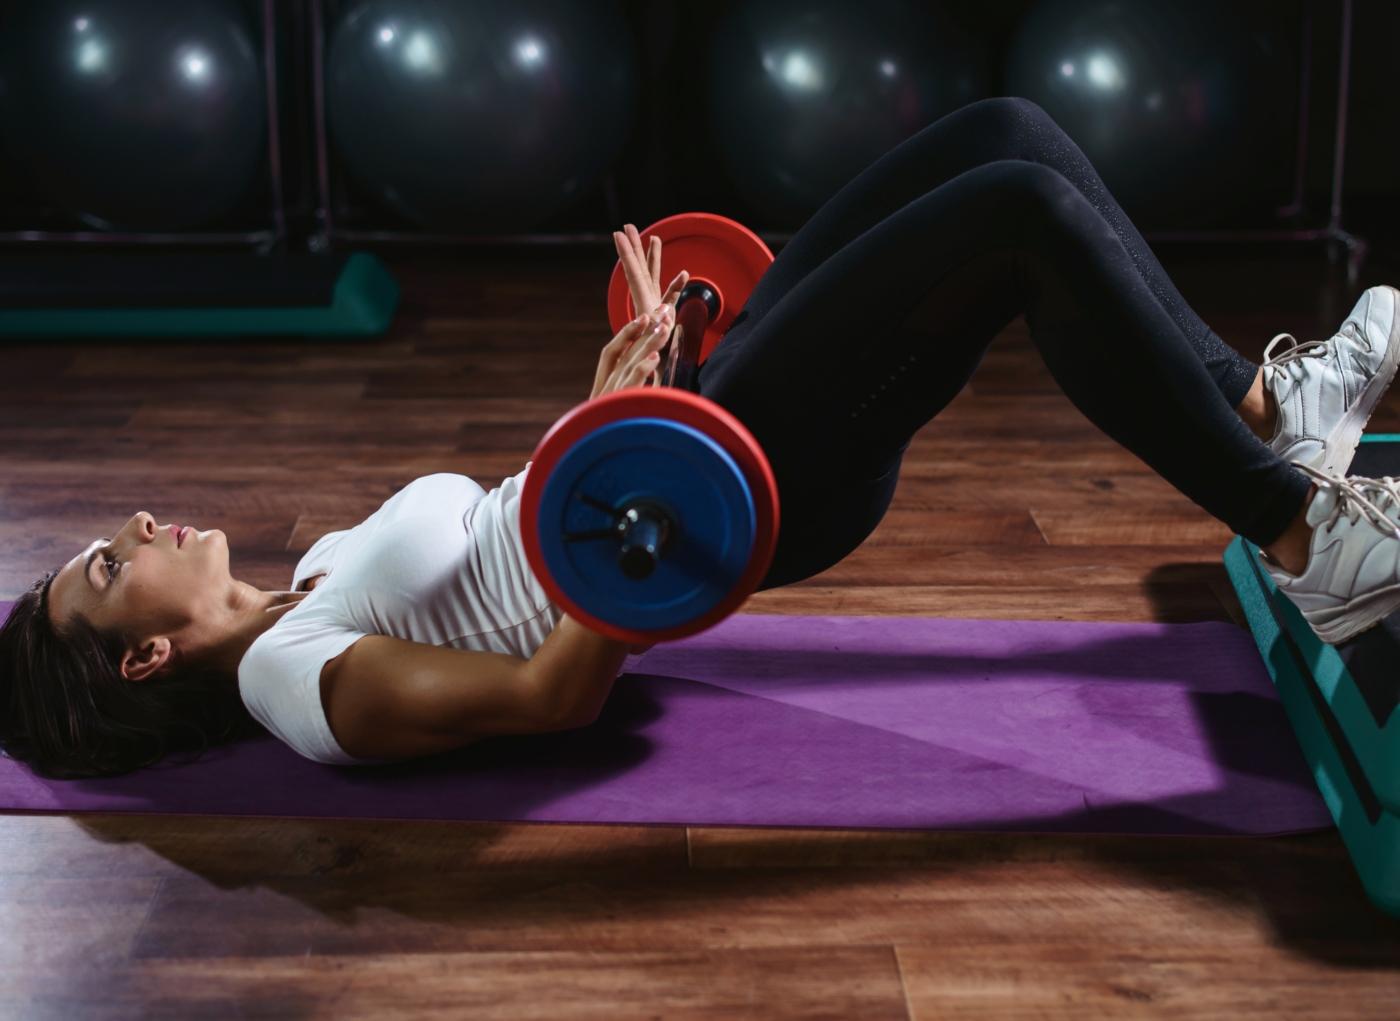 exercícios para pernas e glúteos: elevação pélvica com barra